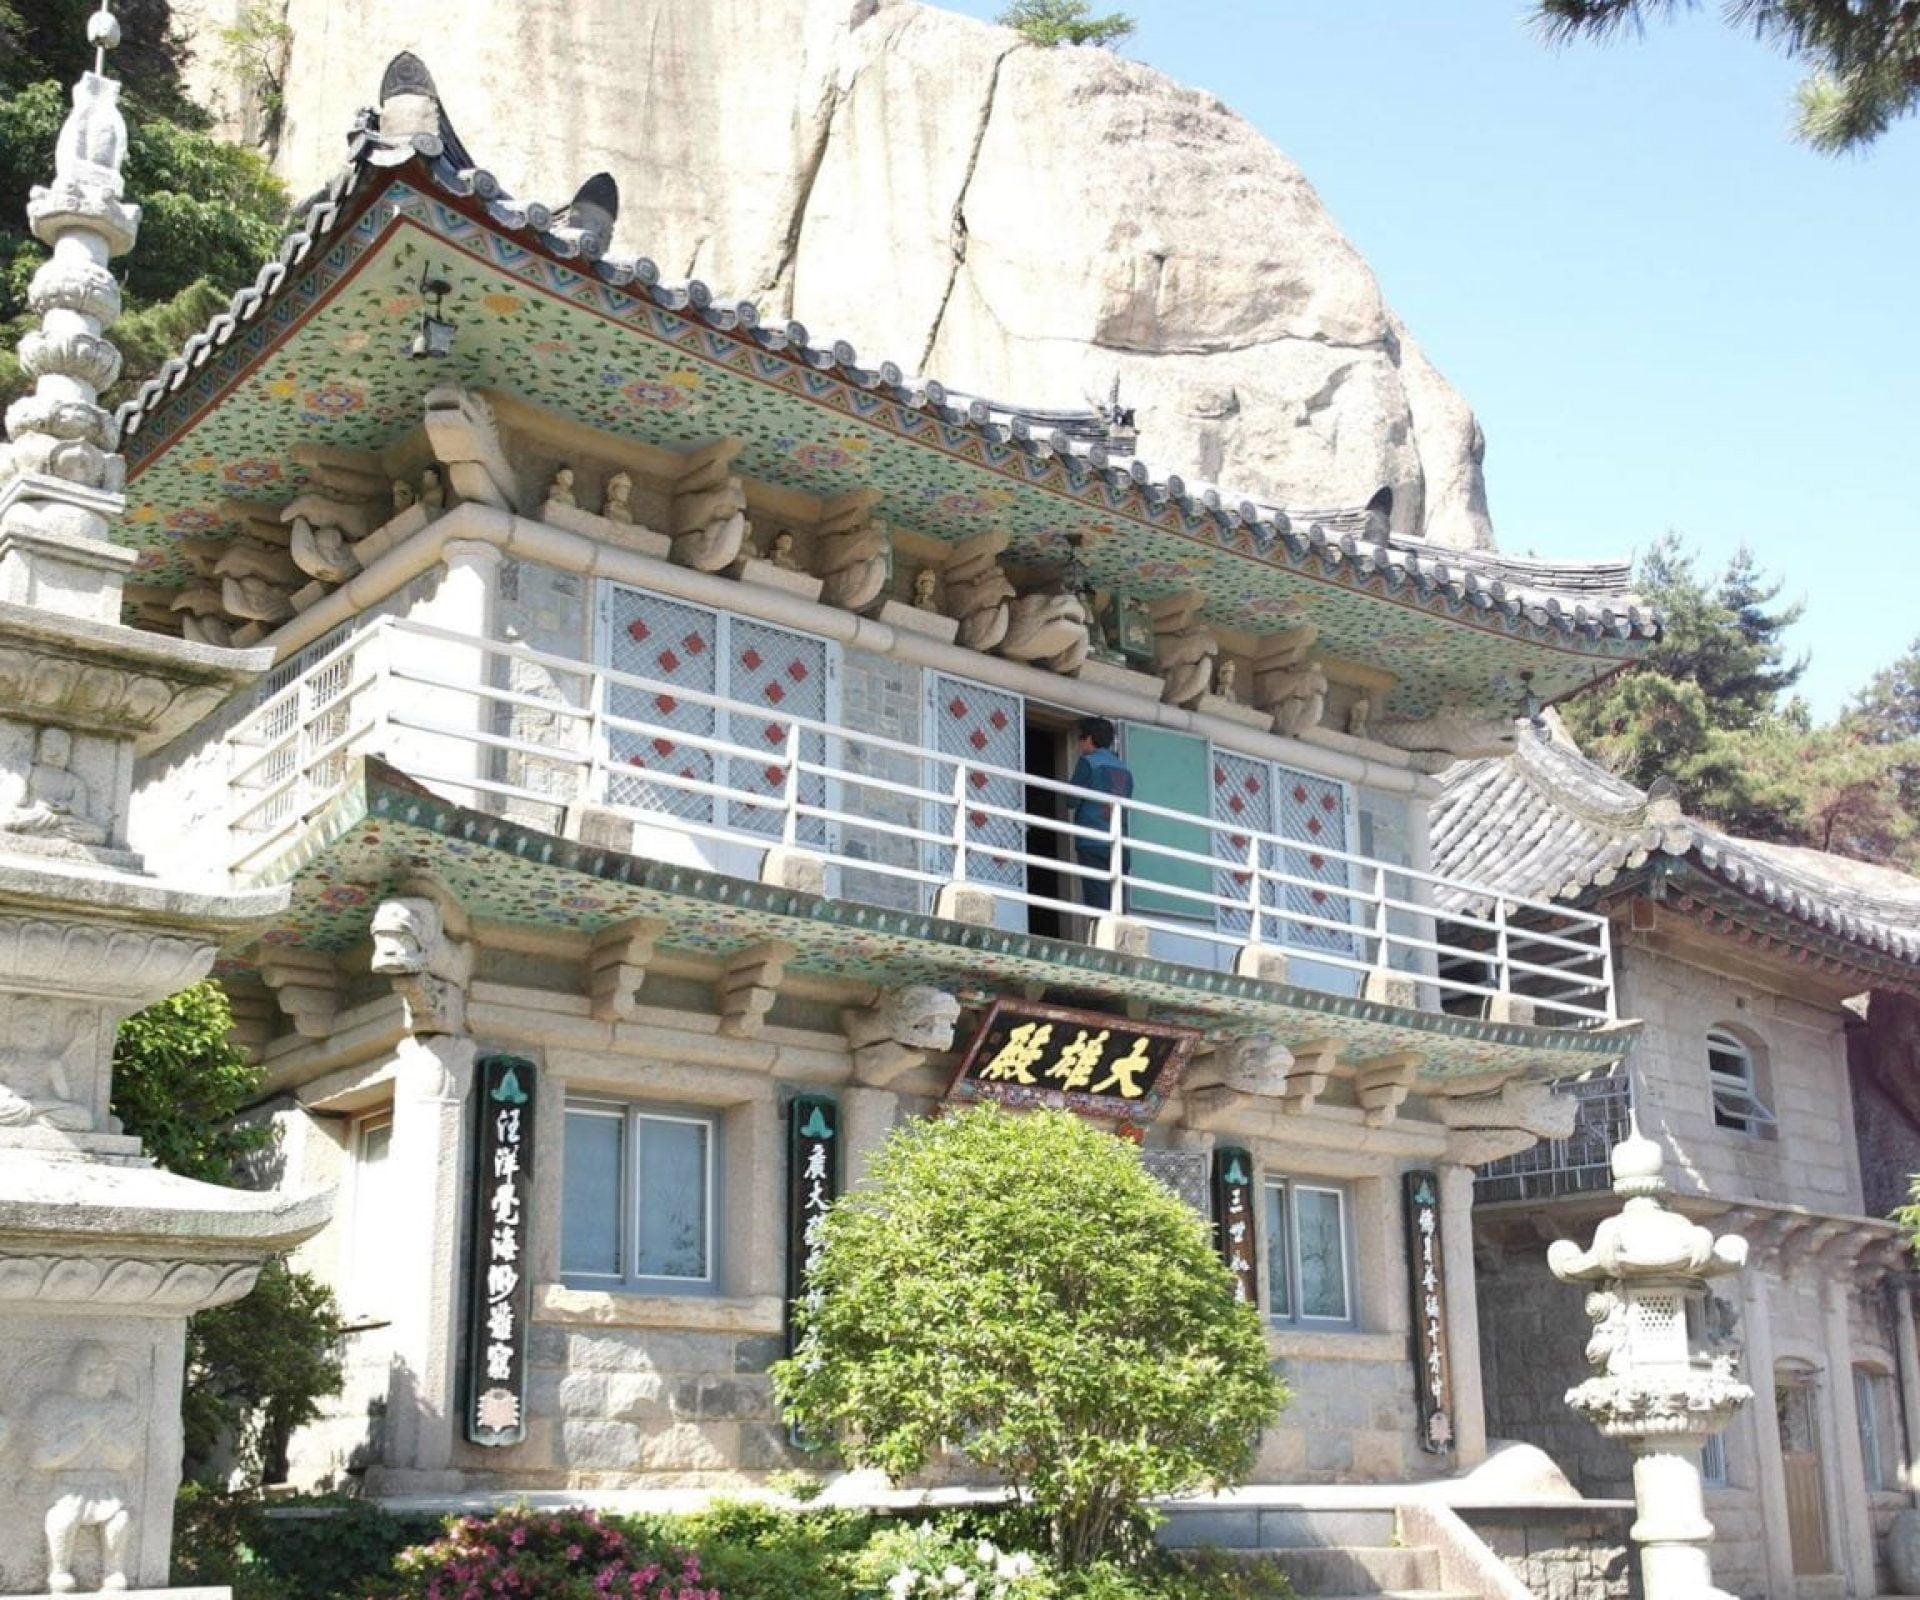 Seokbulsa Temple | Buk-gu, Busan